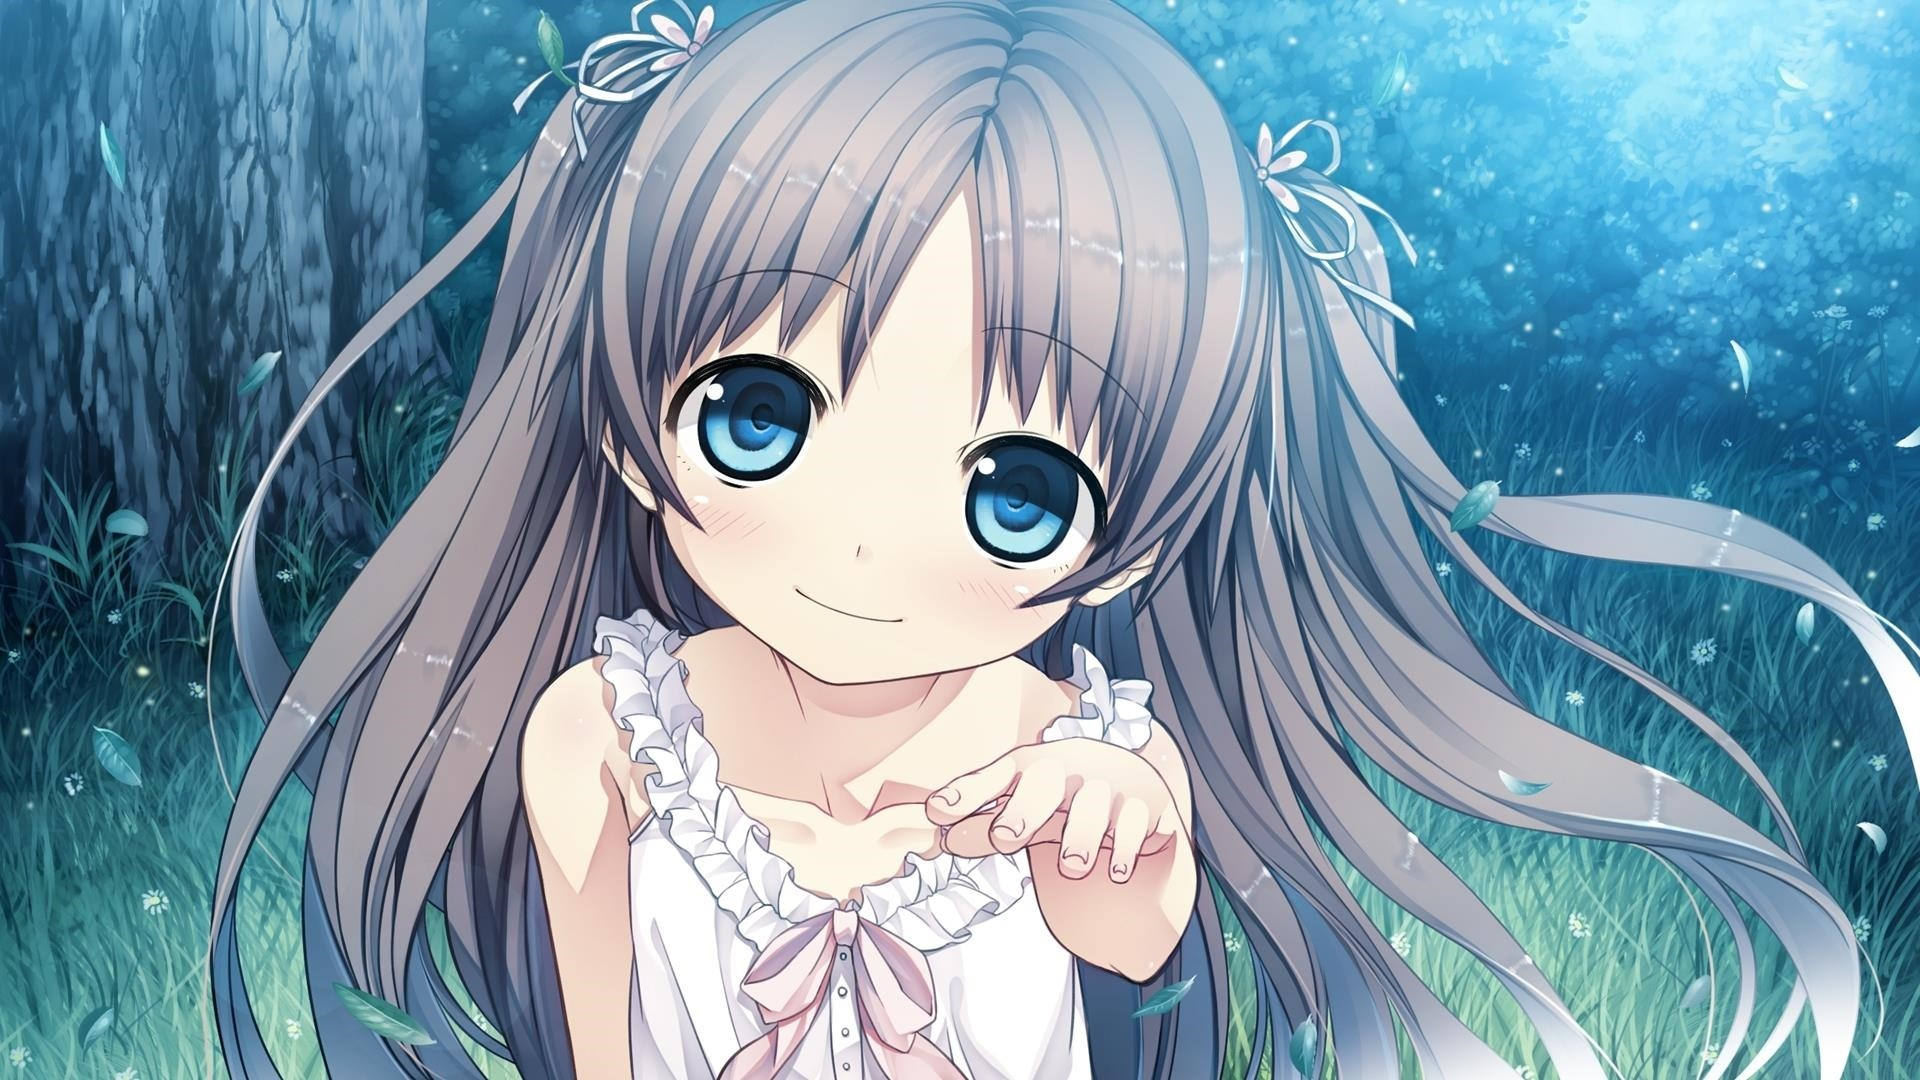 Cute Anime Girl Wallpaper for pc